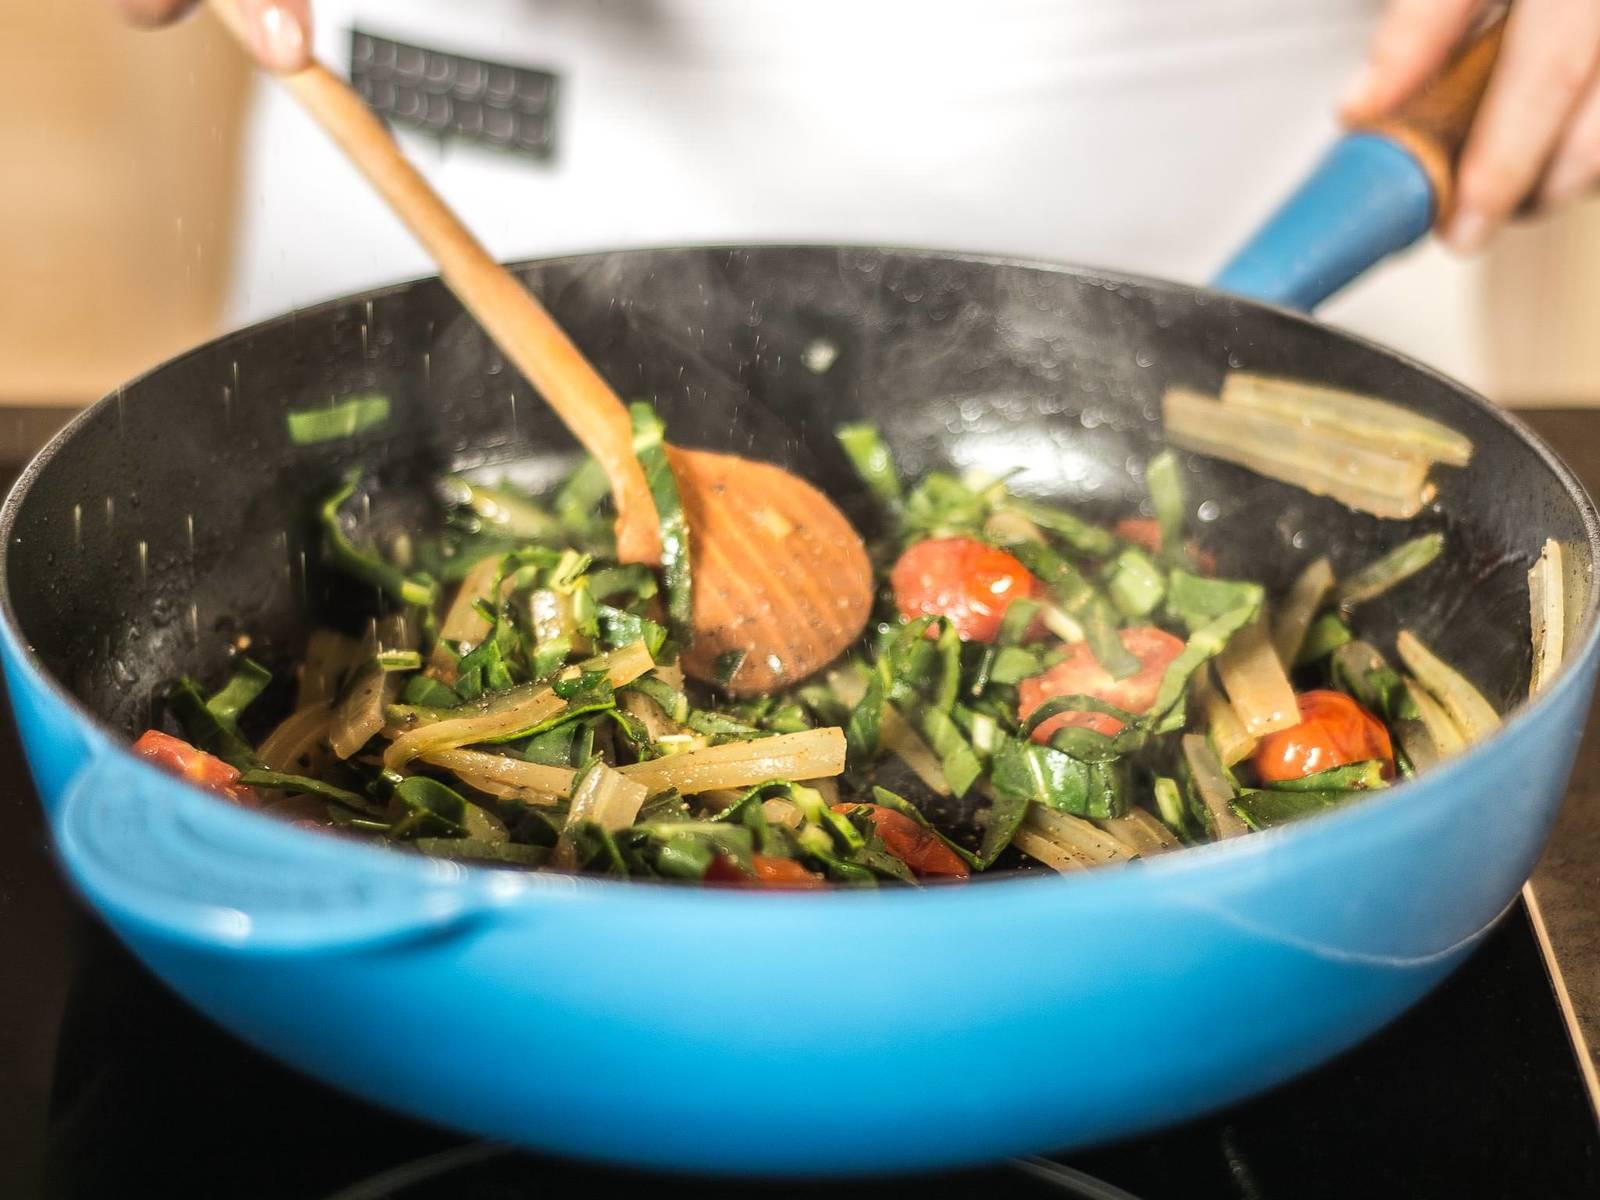 将按碎的蒜瓣与厚皮菜放入植物油中煸炒片刻,再加入樱桃番茄继续煸炒,并加入肉豆蔻,盐与胡椒粉调味。停止加热后,将厚皮菜盛入盘中,摆上烤好的多宝鱼即可享用。